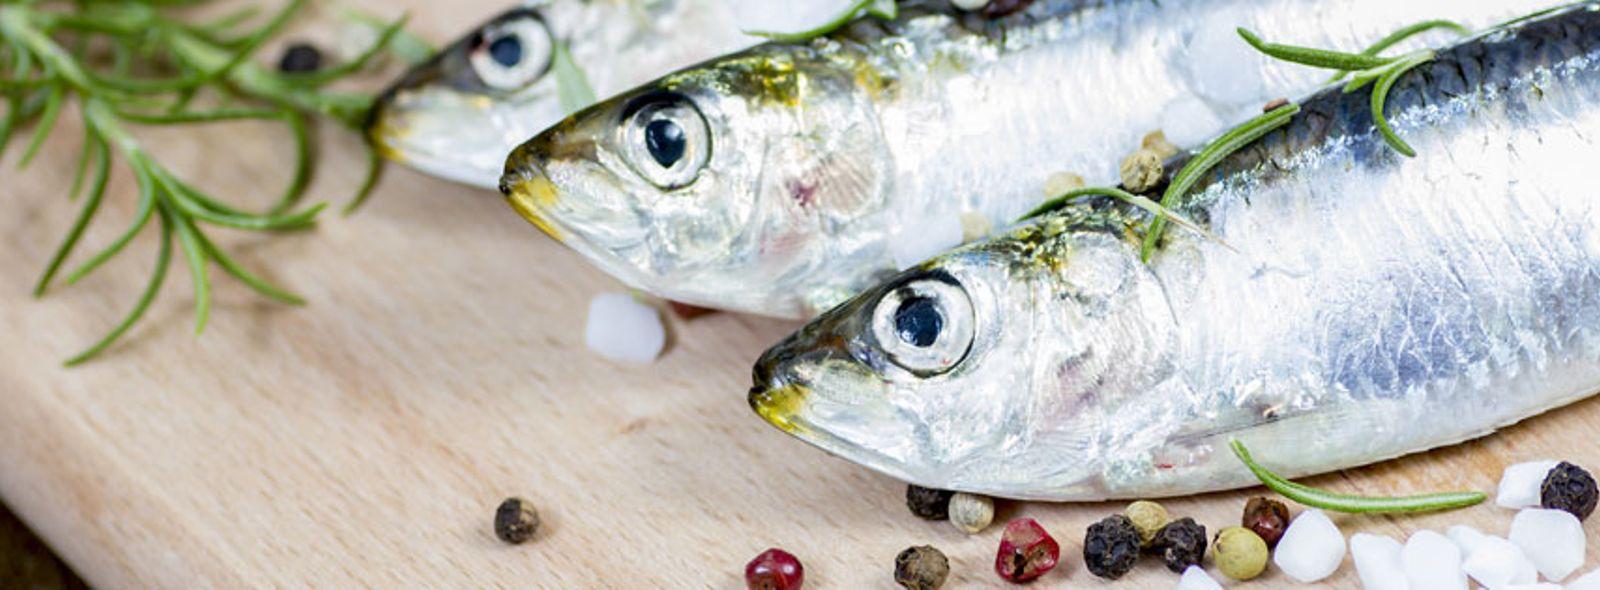 Fare la dieta mangiando pesce azzurro